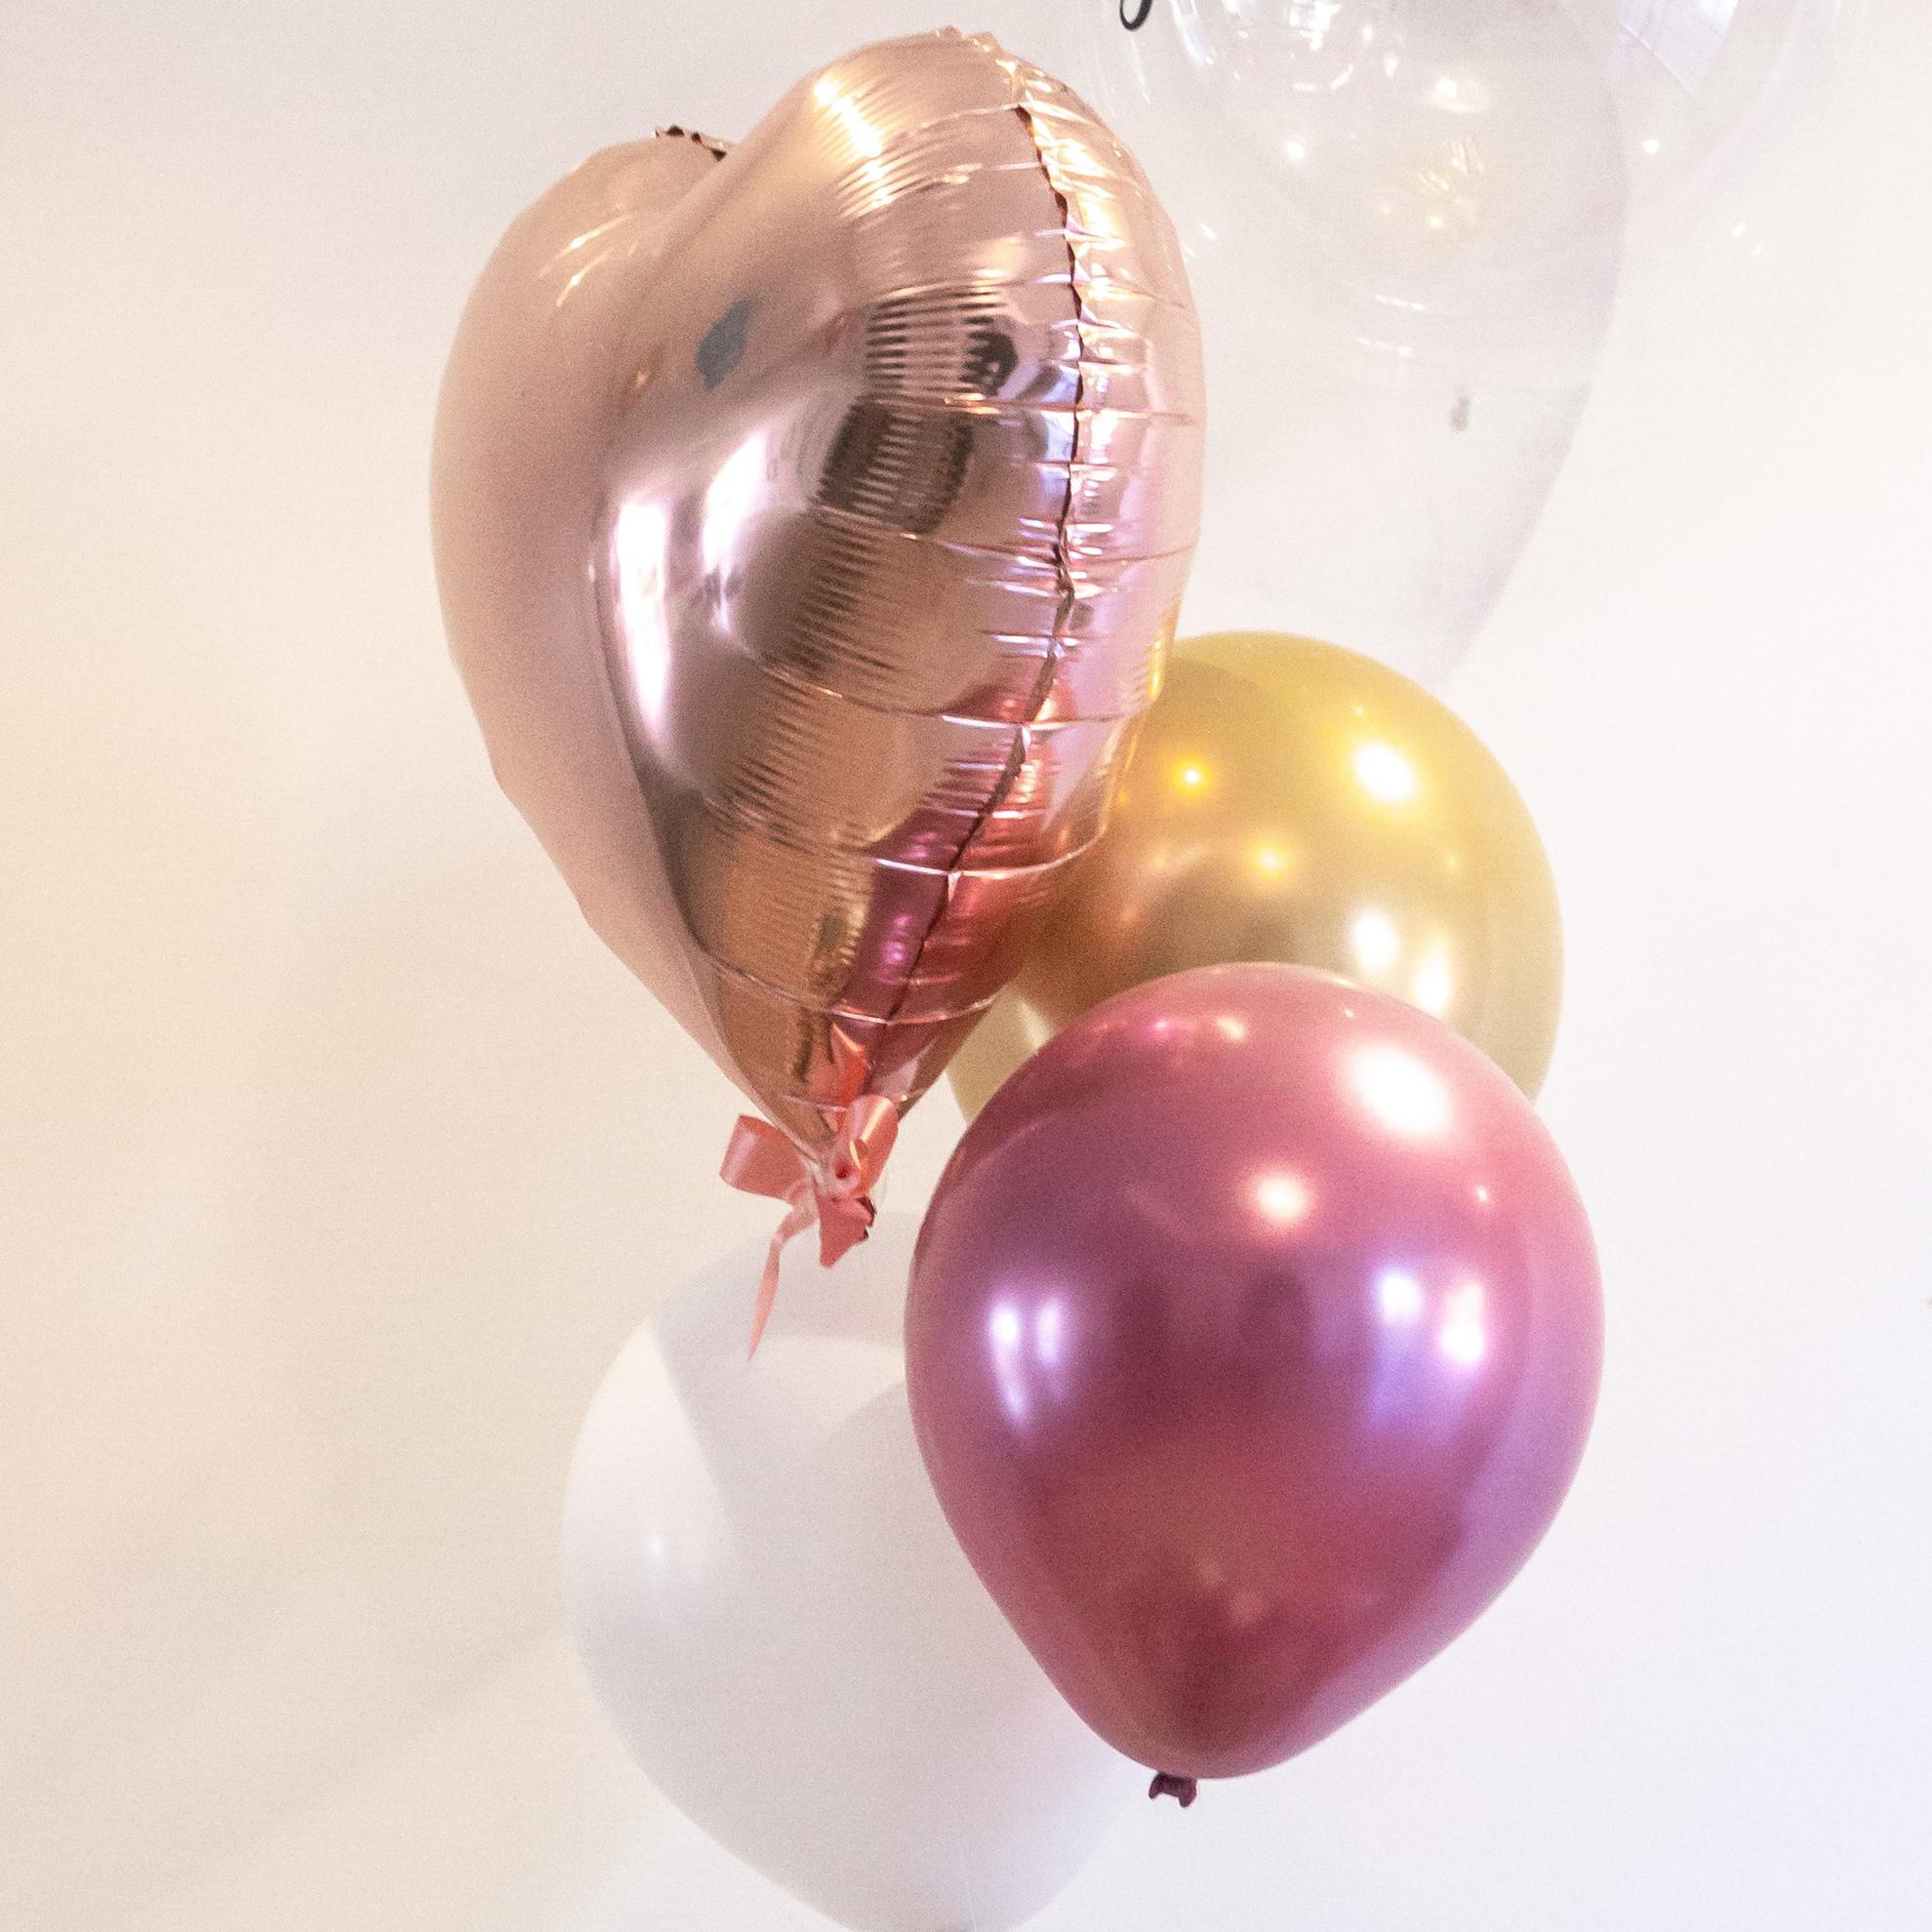 Trio Balões de Gás [+R$ 160,00]